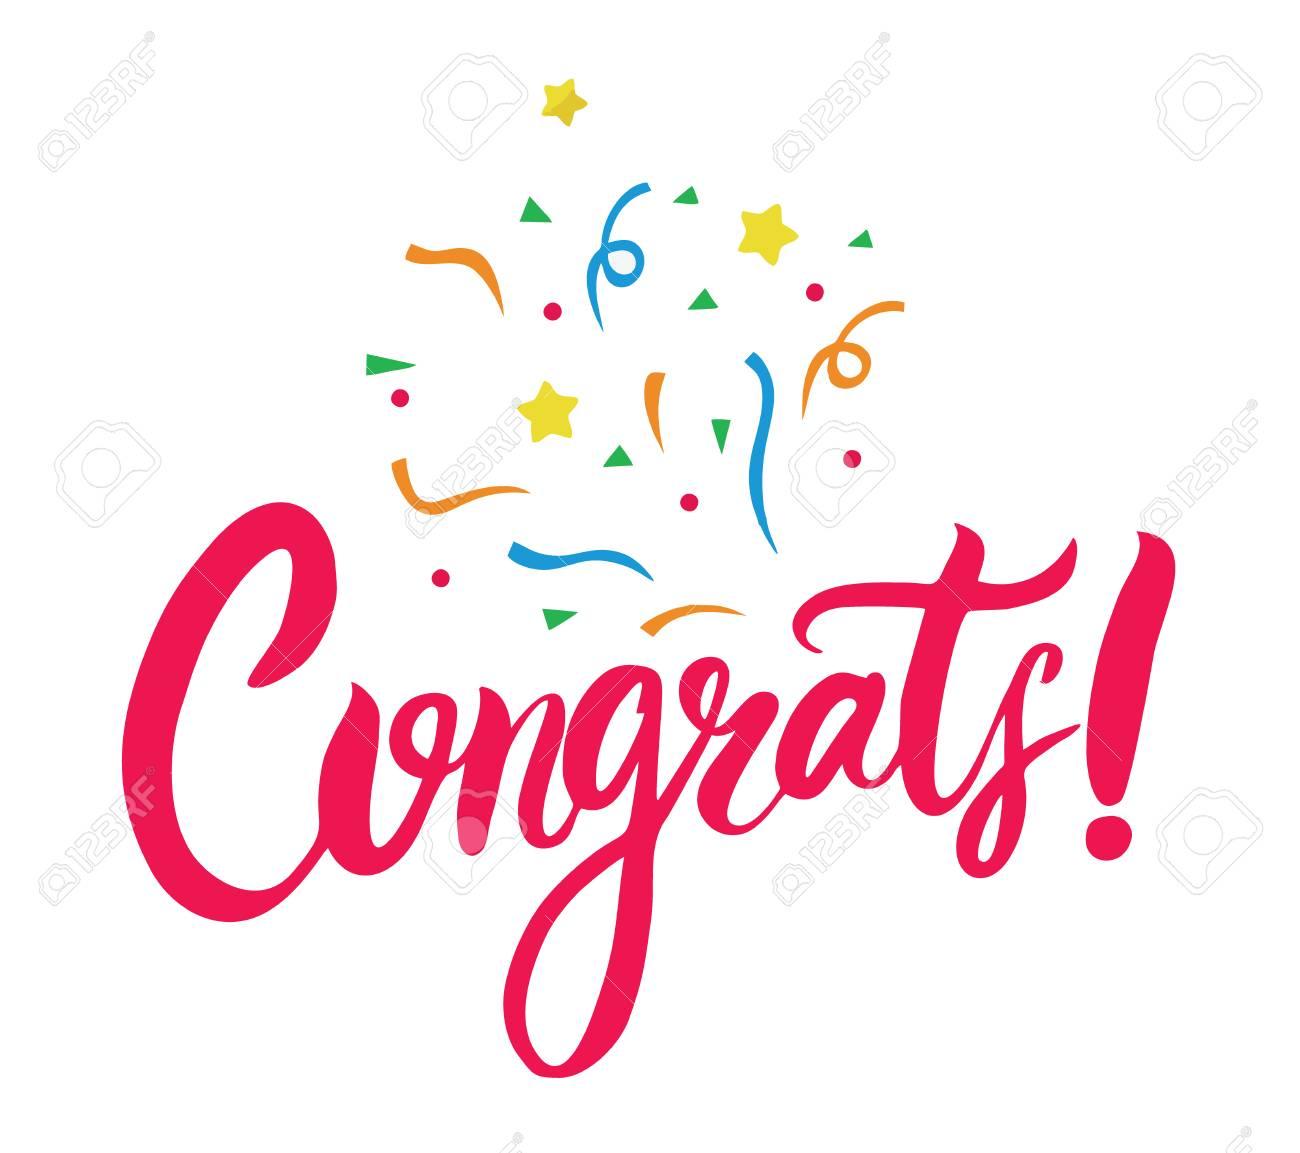 congrats hand written lettering for congratulations card modern